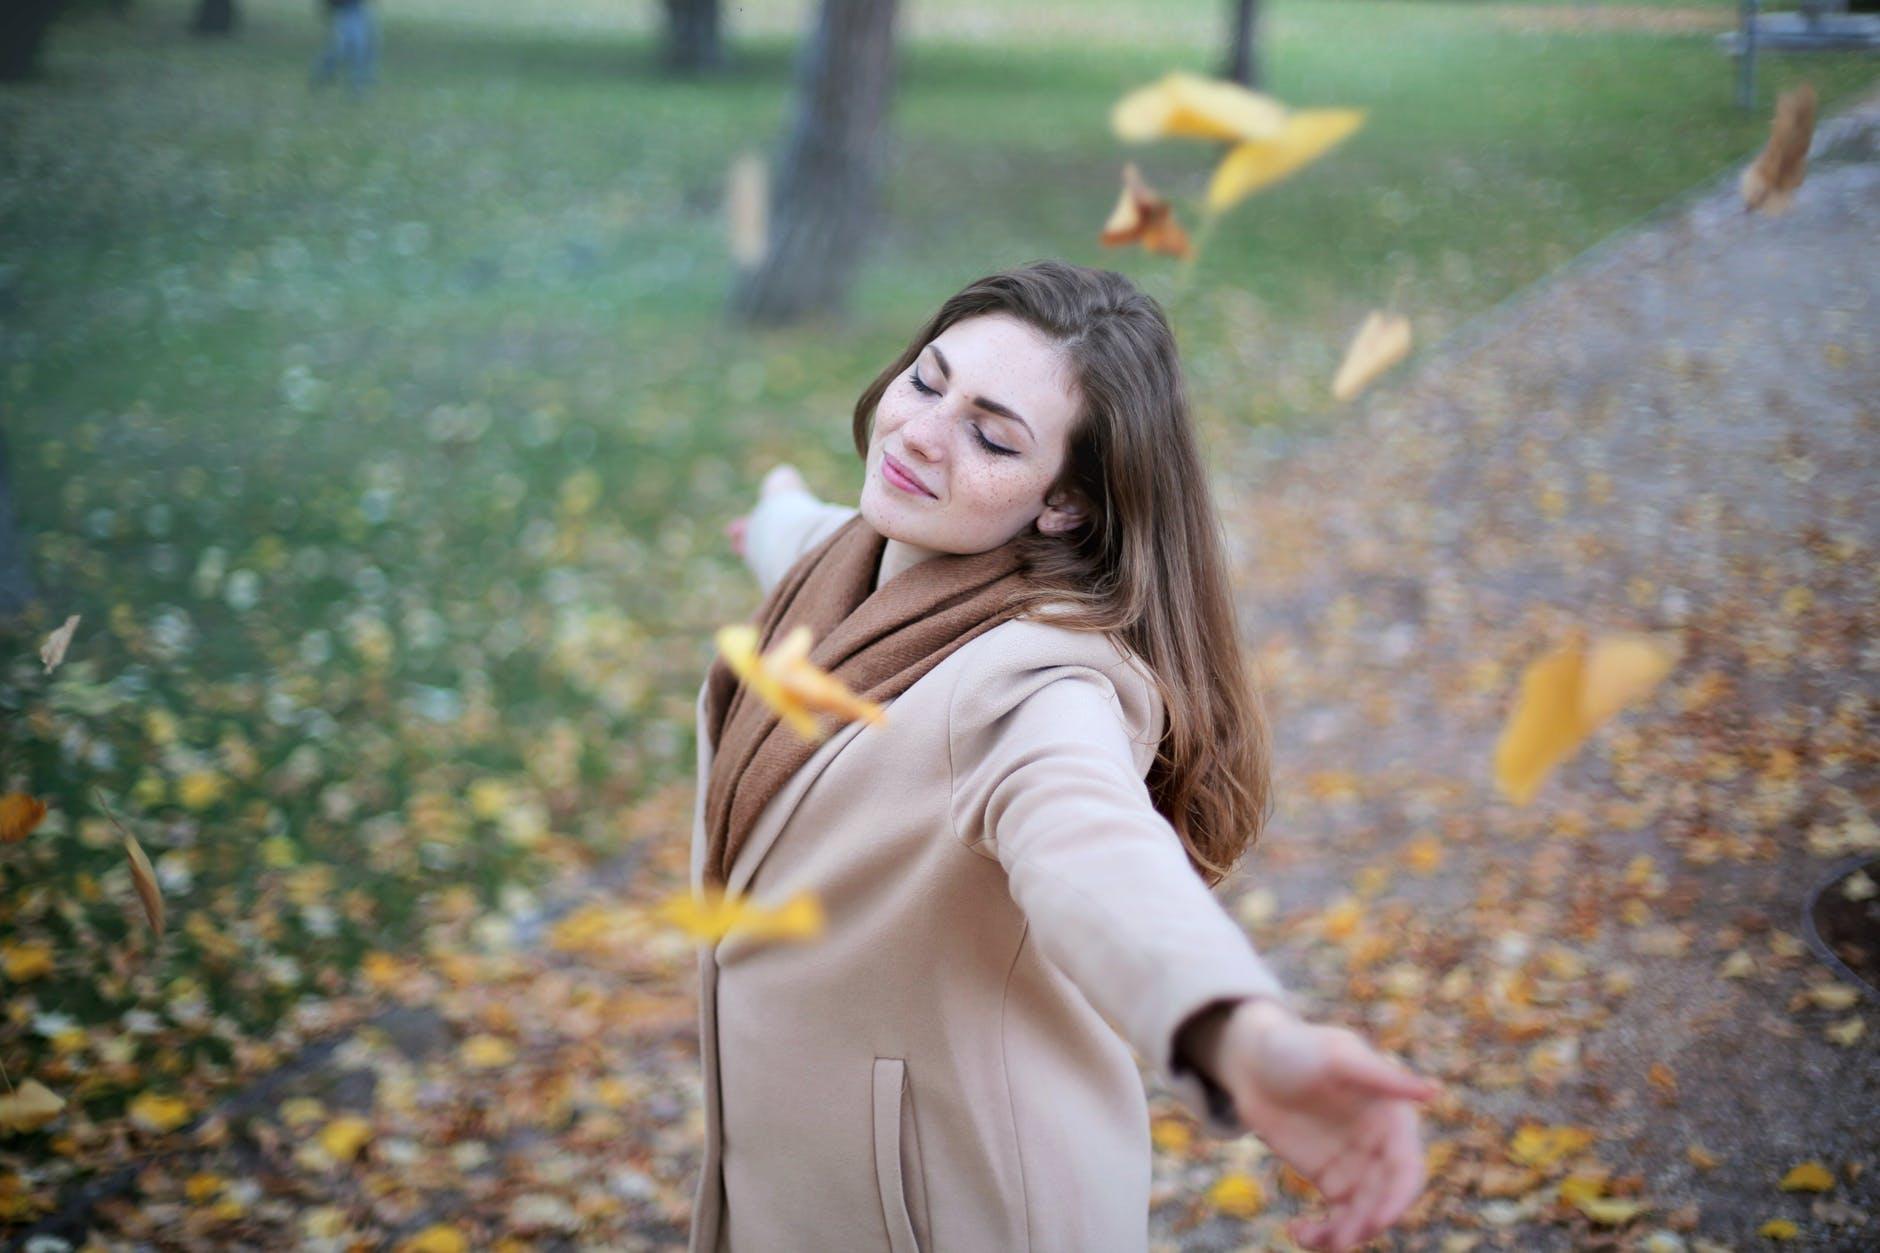 Rozwój osobisty – sposoby na to jak podbudować pewność siebie?